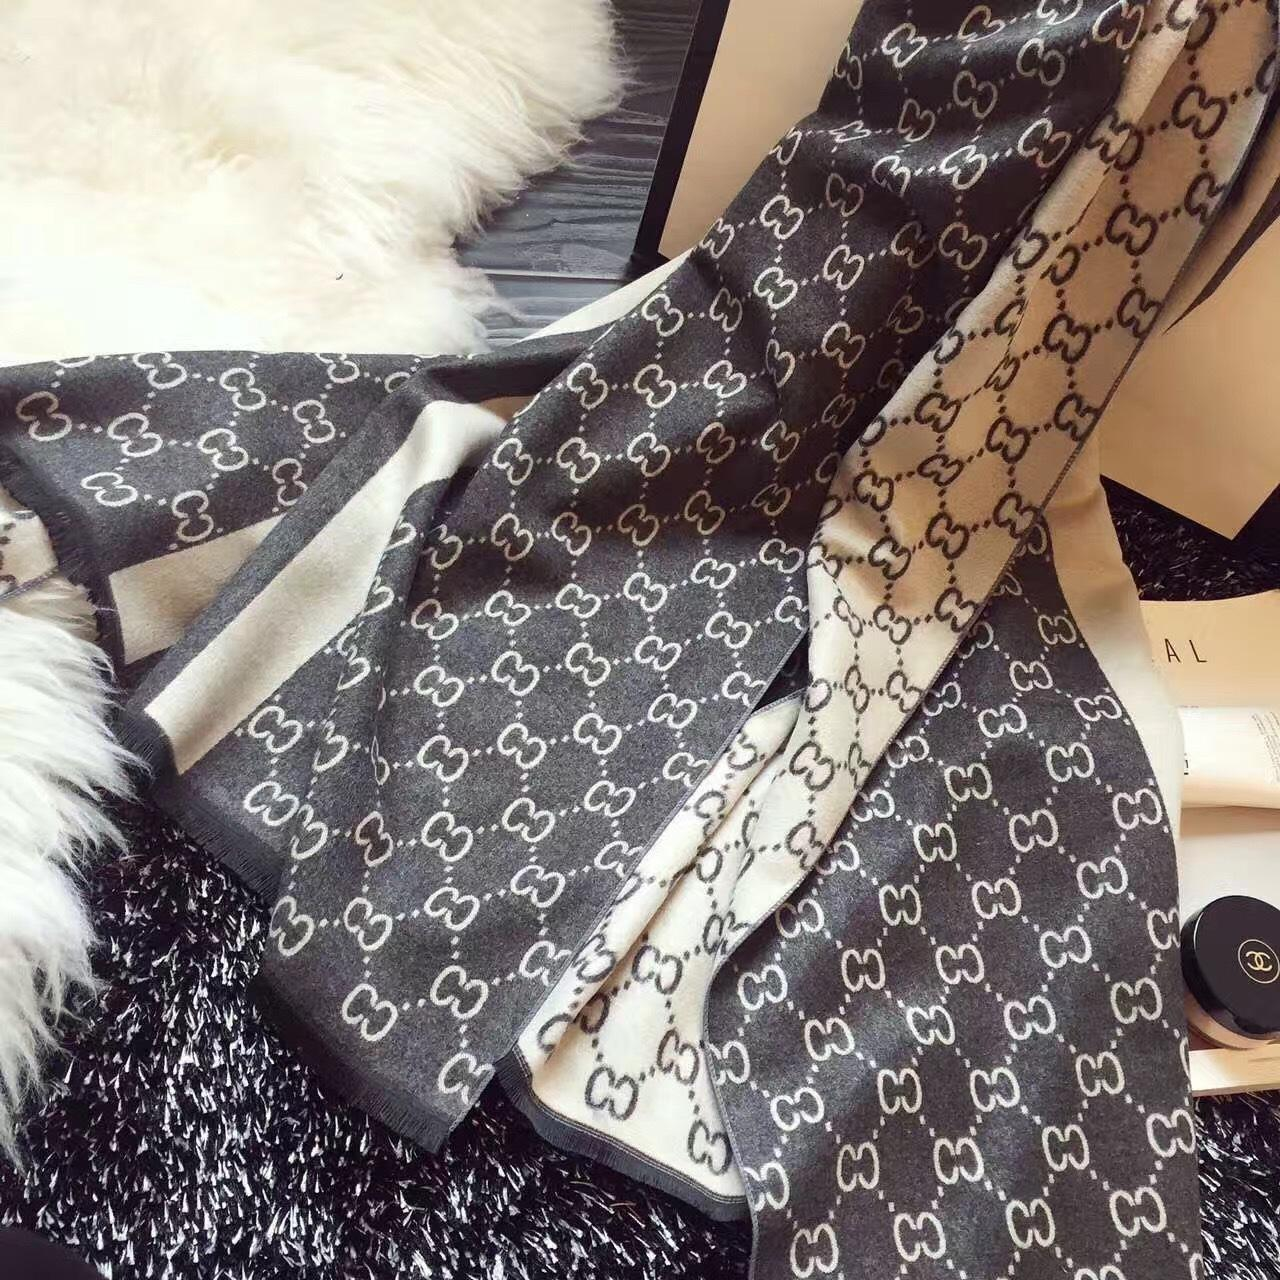 lungo di seta di qualità delle donne scialle colorato sciarpe di Pashmina della sciarpa nuovo regalo di Natale ringscarf manbrand y04U